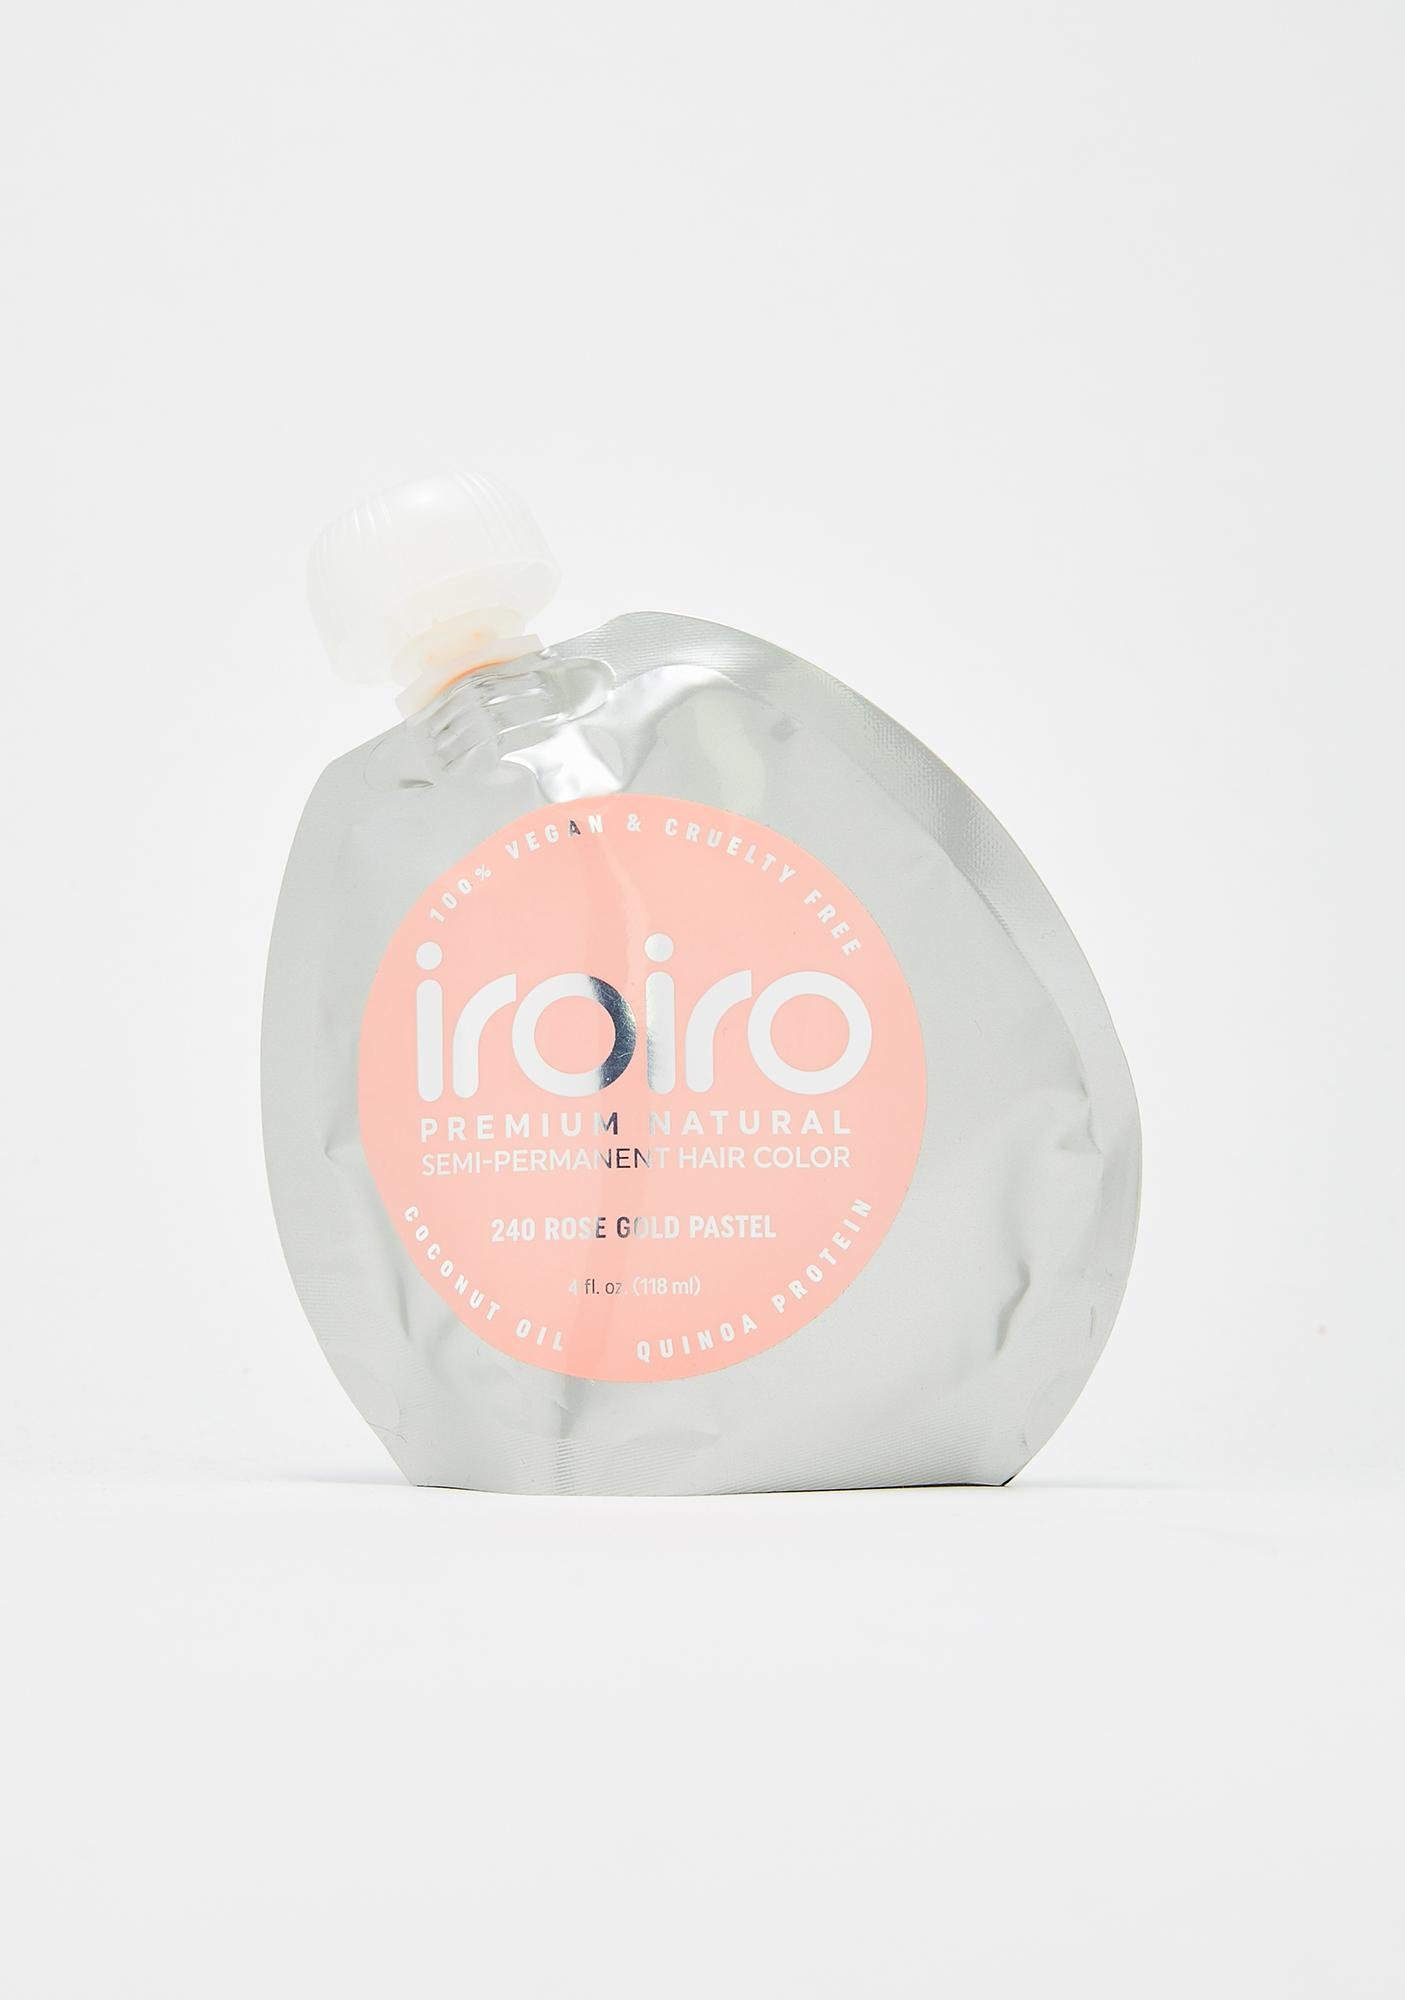 Iroiro Pastel 240 Rose Gold Hair Dye